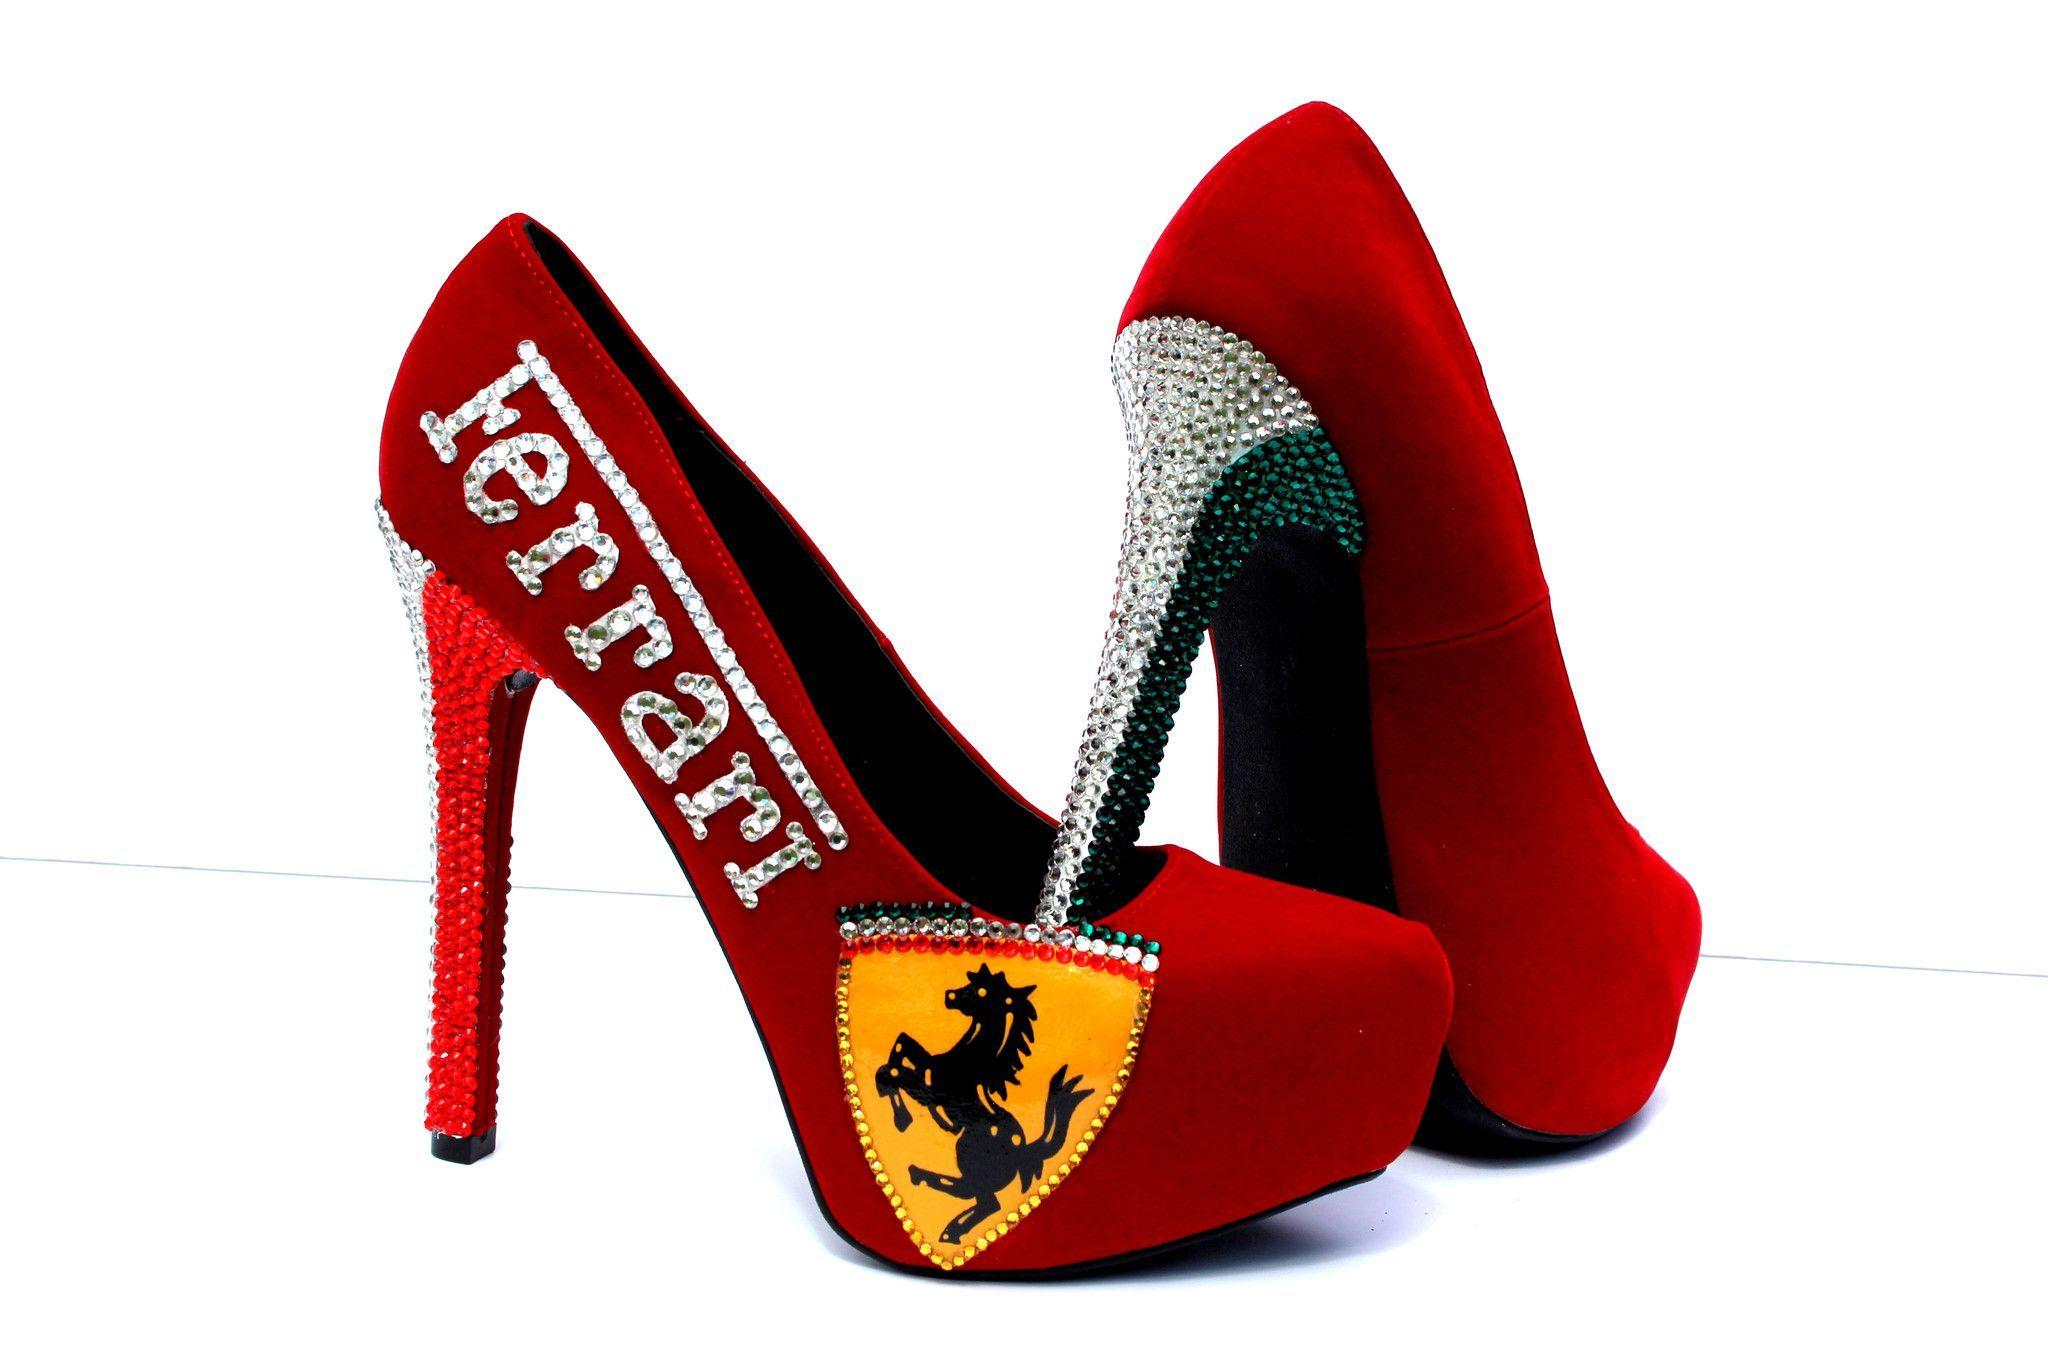 Red With Italian Heels FlagFerrari Crystal Ferarri wPvNymn08O